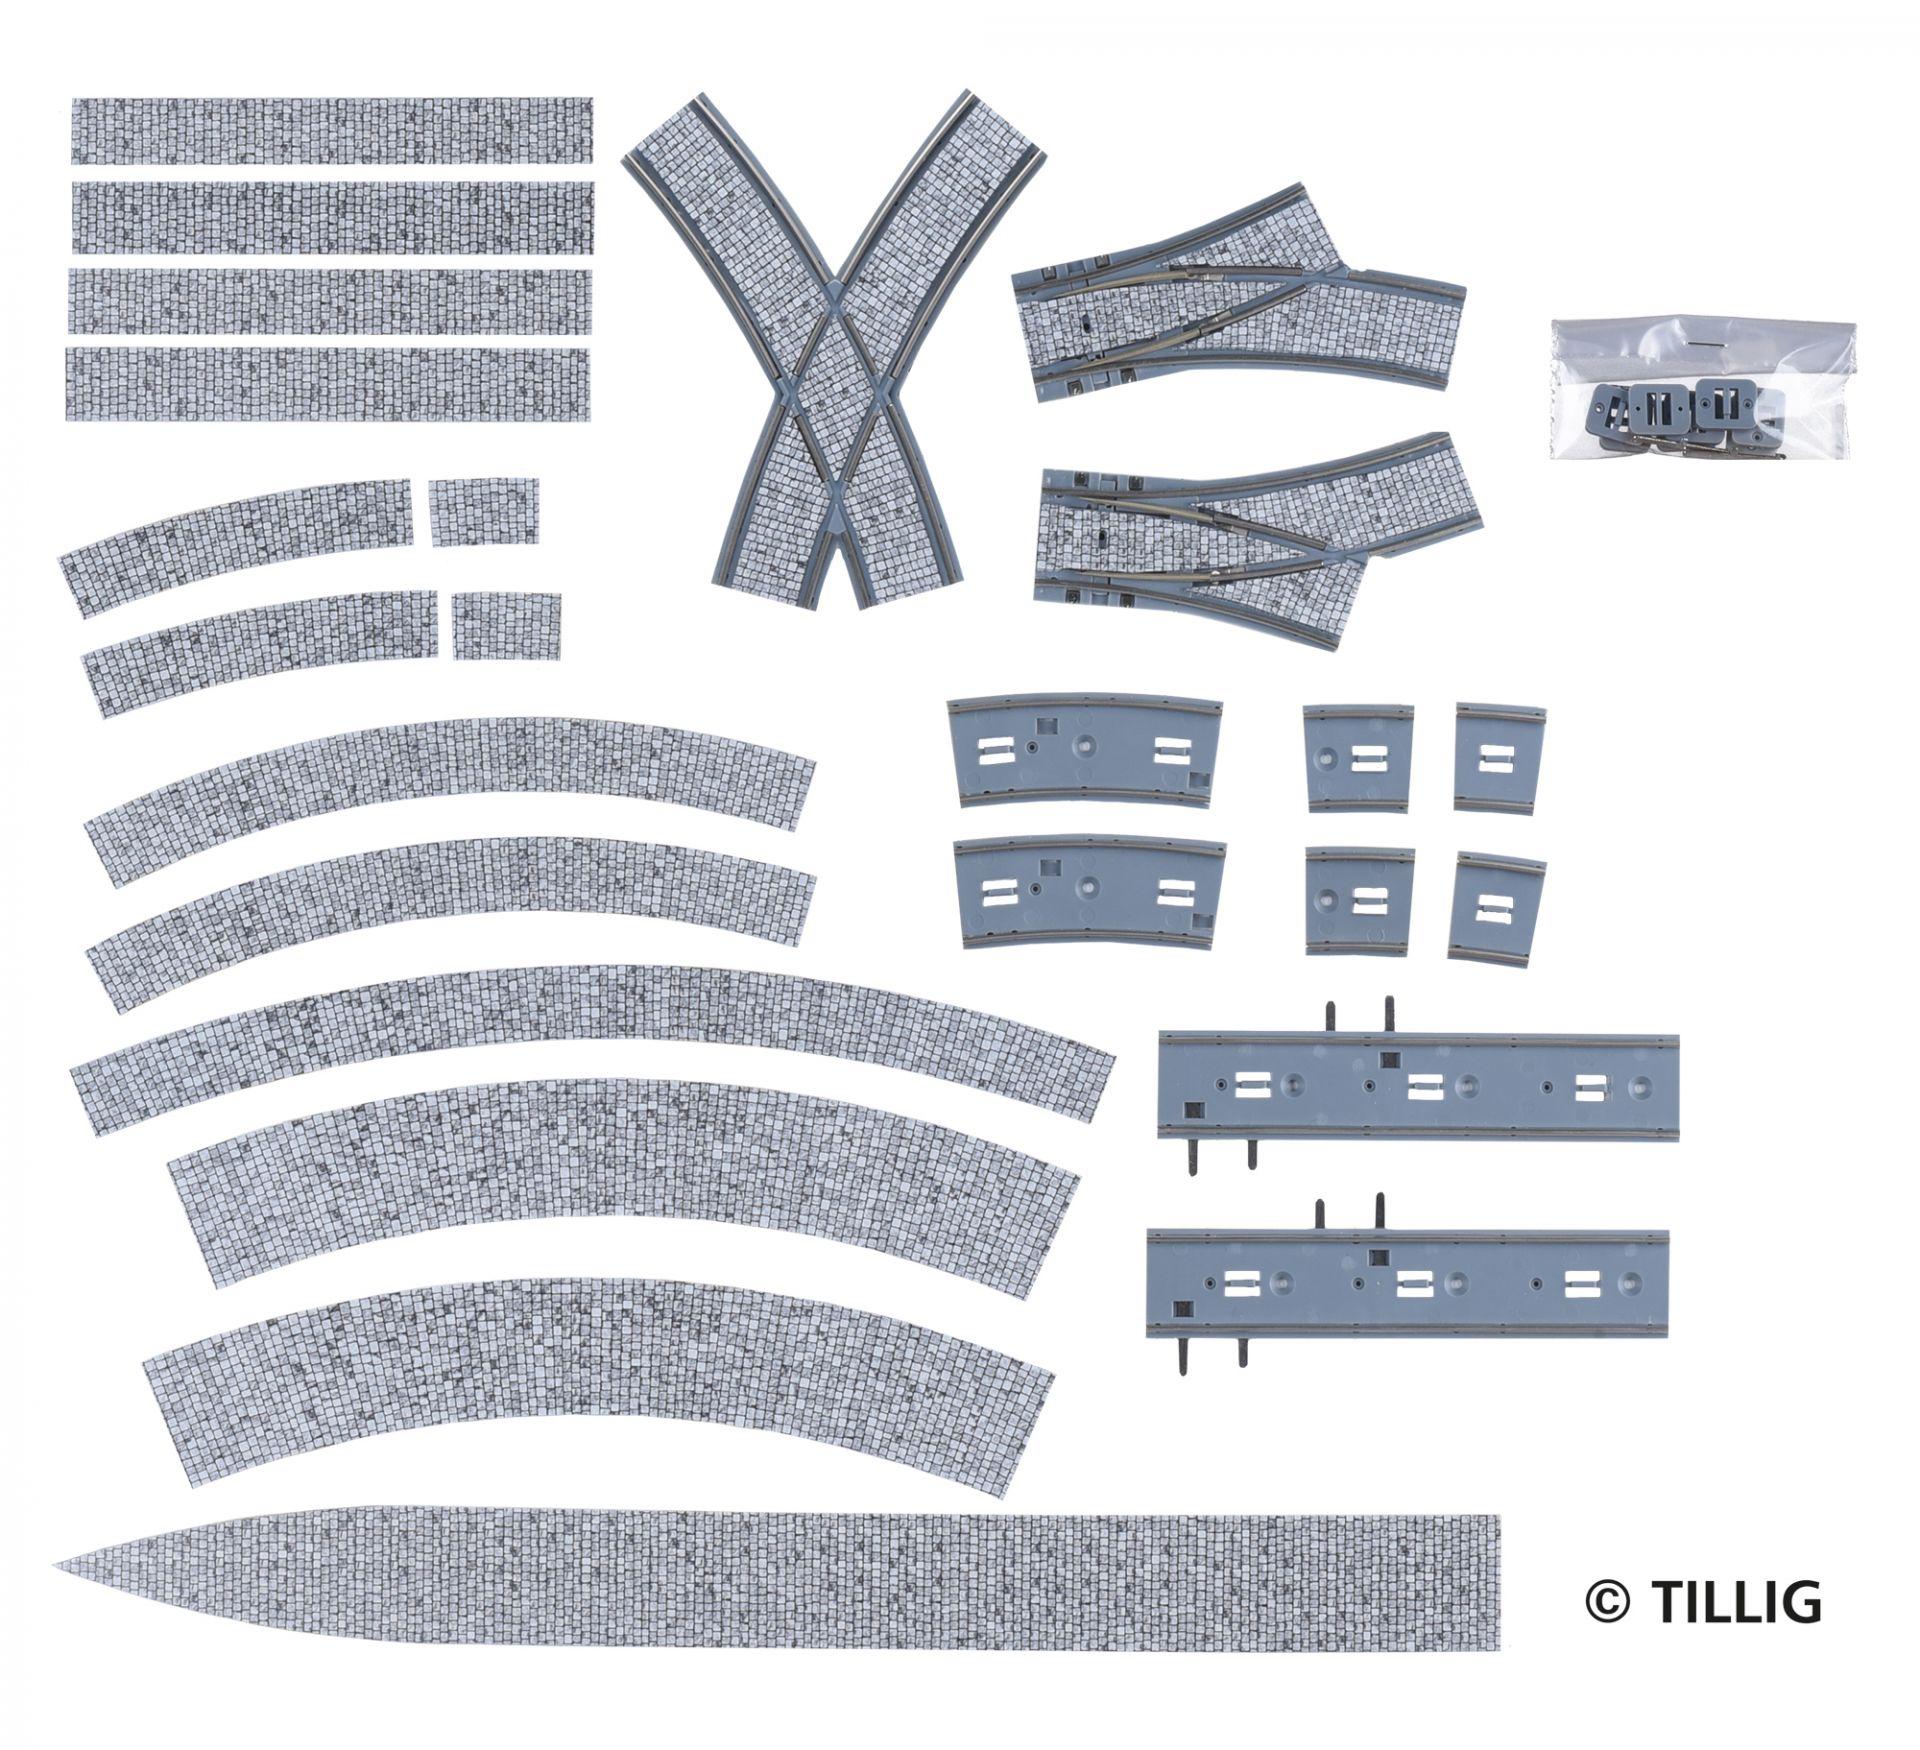 H0 Bogenkreuzung (2-spurig) Pflaster